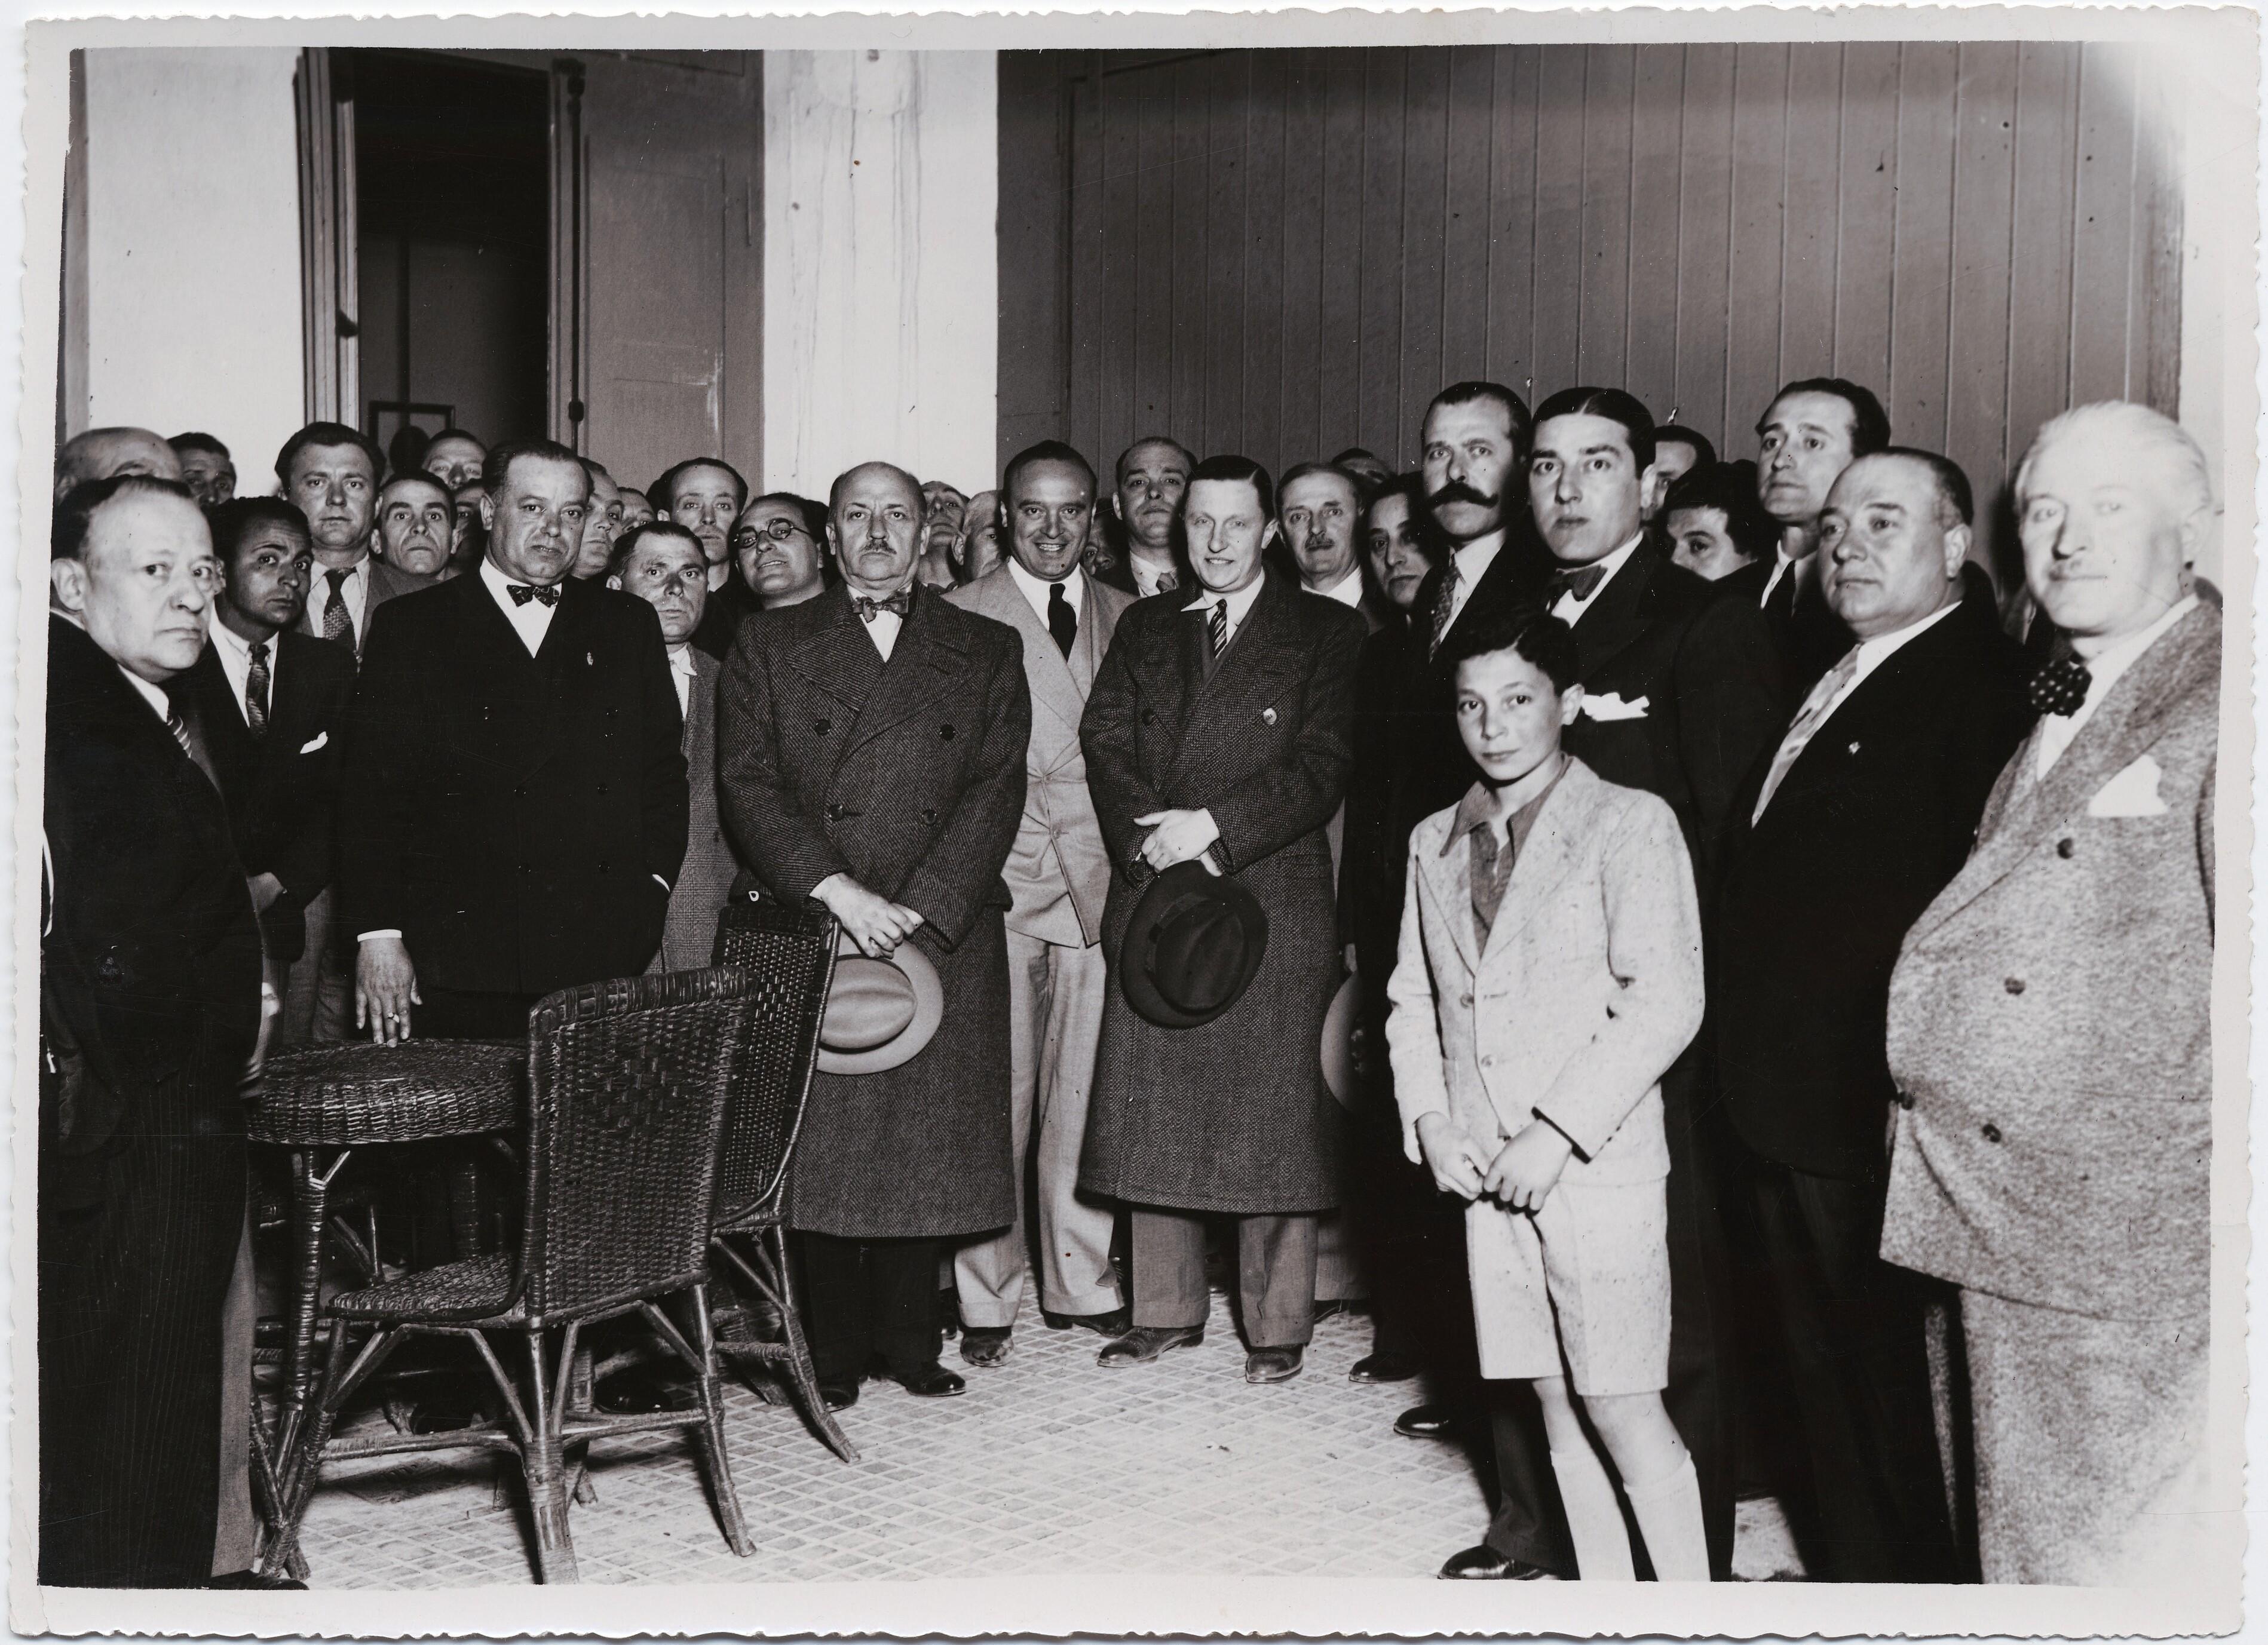 1926. Мендоса, Аргентина. Маринетти, стоящий в большой группе поклонников